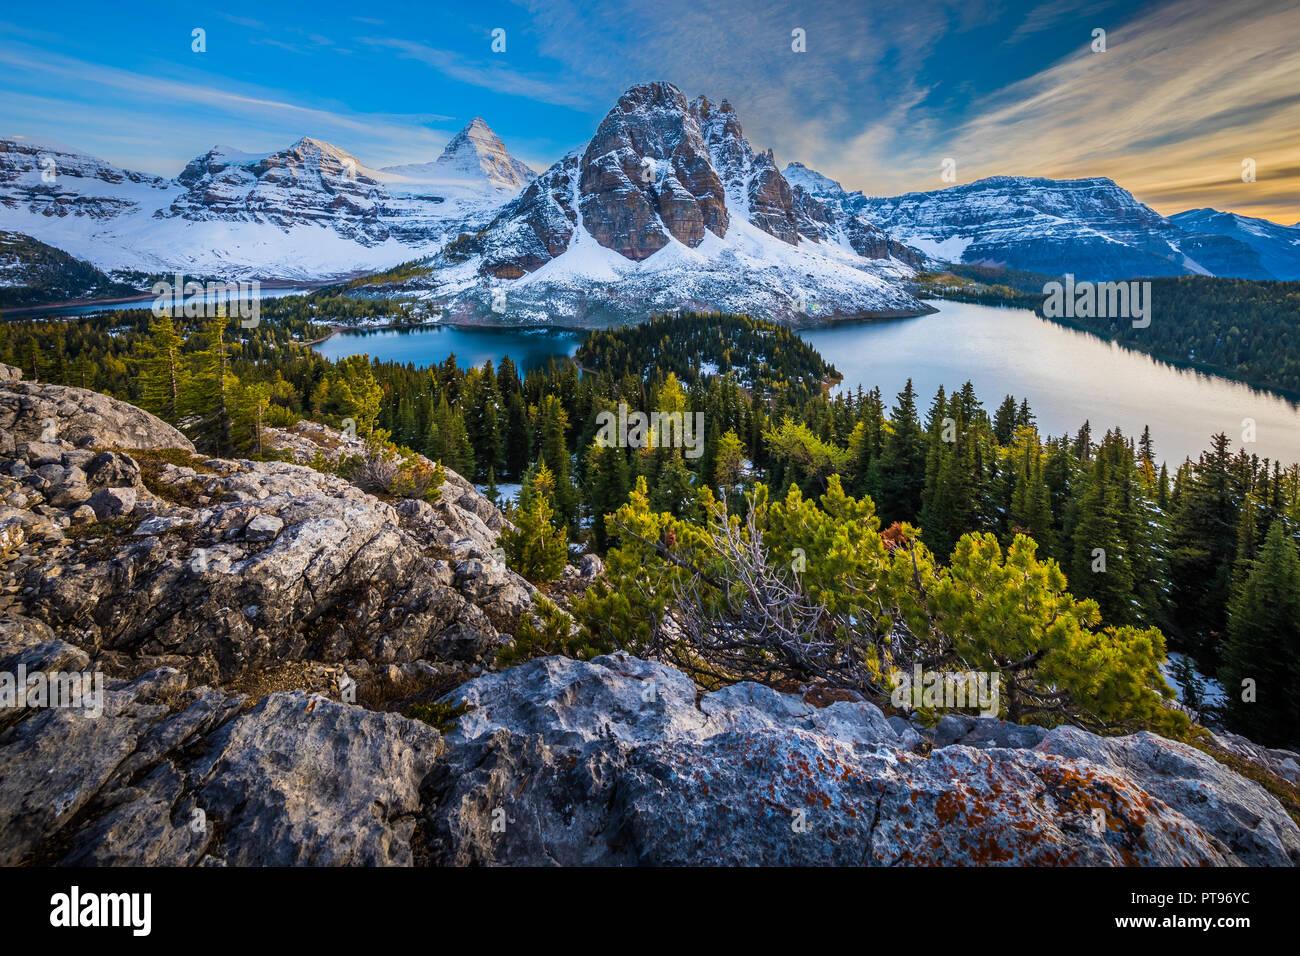 Le parc provincial du mont Assiniboine est un parc provincial de la Colombie-Britannique, Canada, situé autour du mont Assiniboine. Le parc a été créé en 1922. S Banque D'Images